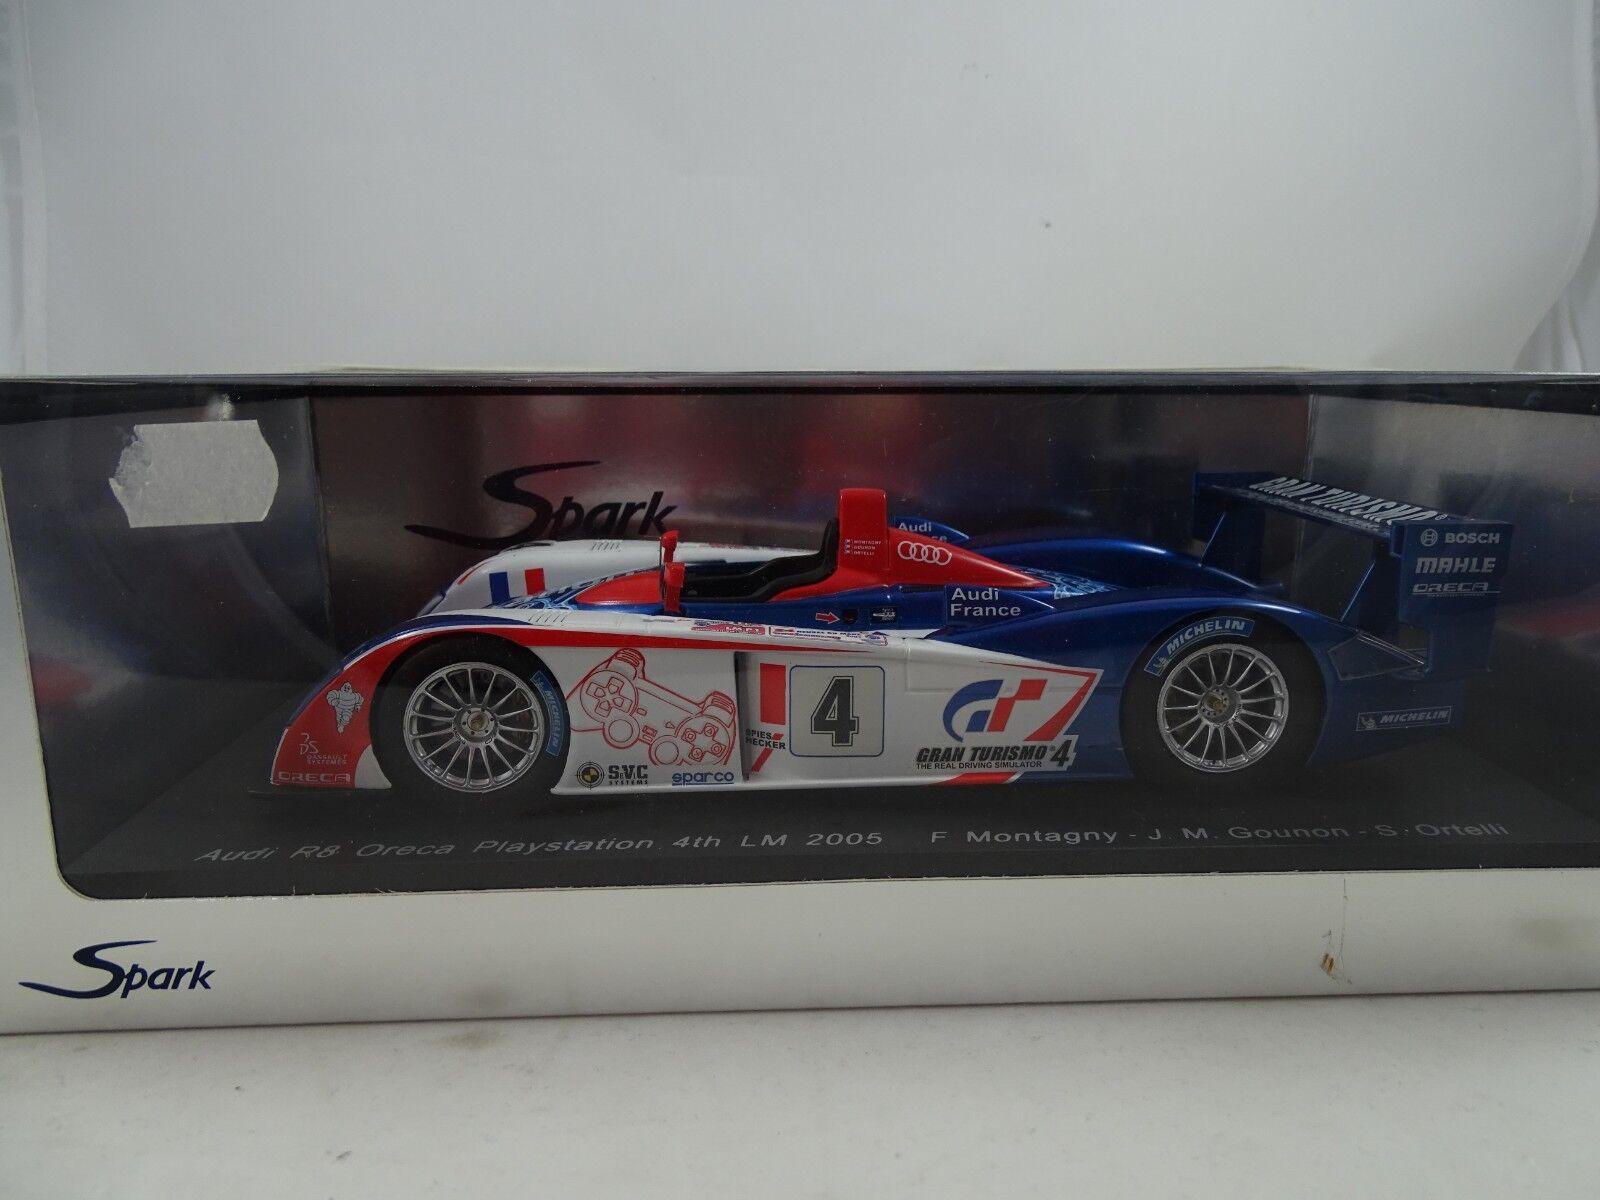 1 18 Spark  S1803 Audi R8 Oreca Playstation 4th Lm 2005 - Rarity §